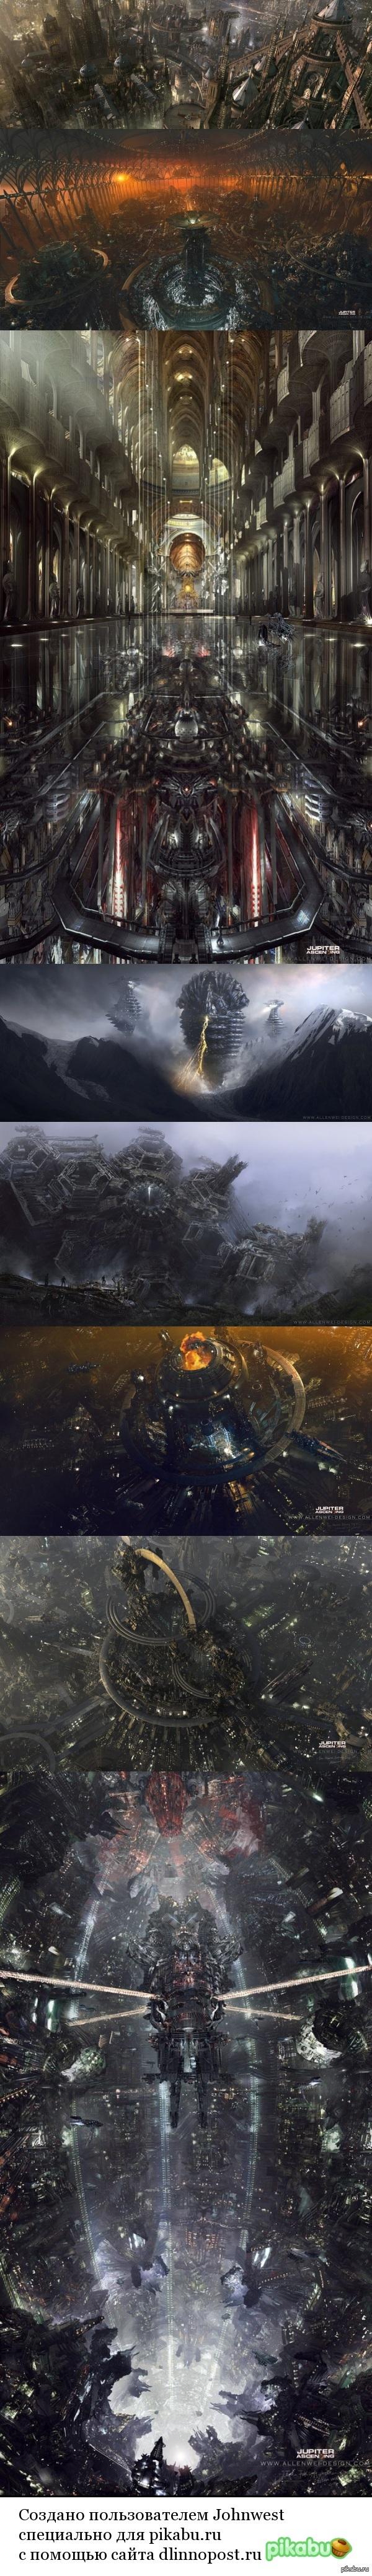 Немножко эпика 4 художник - Allen wei. Блог CG. Из вконтактов. Полномасштабные картинки можно найти в его блоге, ссылка в комментариях.